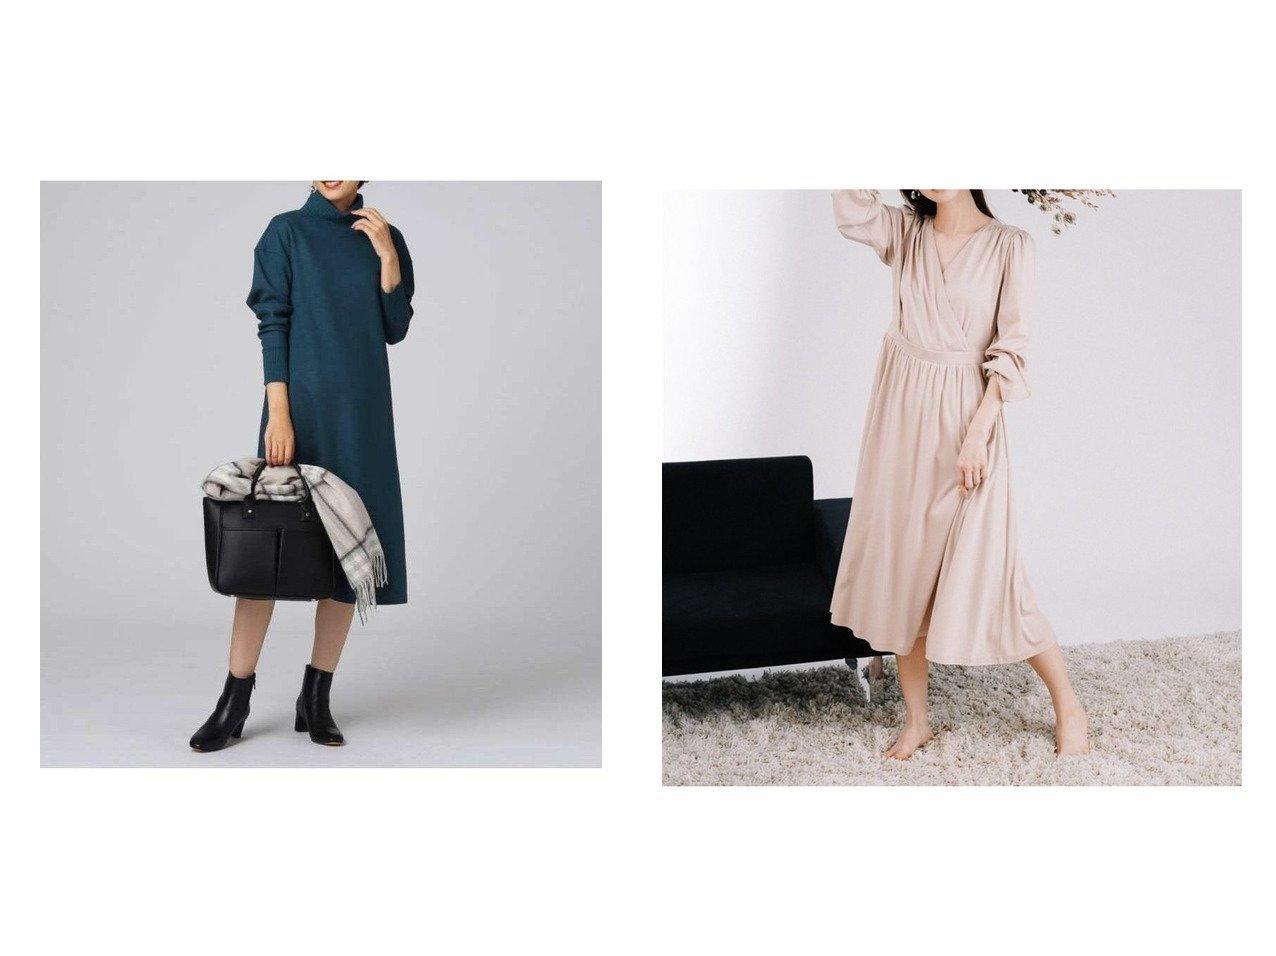 【CELFORD/セルフォード】のカットソーカシュクールワンピース&【UNTITLED/アンタイトル】のシャインミルドスムース テントラインワンピース ワンピース・ドレスのおすすめ!人気、レディースファッションの通販  おすすめで人気のファッション通販商品 インテリア・家具・キッズファッション・メンズファッション・レディースファッション・服の通販 founy(ファニー) https://founy.com/ ファッション Fashion レディース WOMEN ワンピース Dress トップス Tops Tshirt カットソー Cut and Sewn ショルダー ジャージ スタンド ドロップ ワイド ウォッシャブル カットソー シルケット リラックス |ID:crp329100000003382